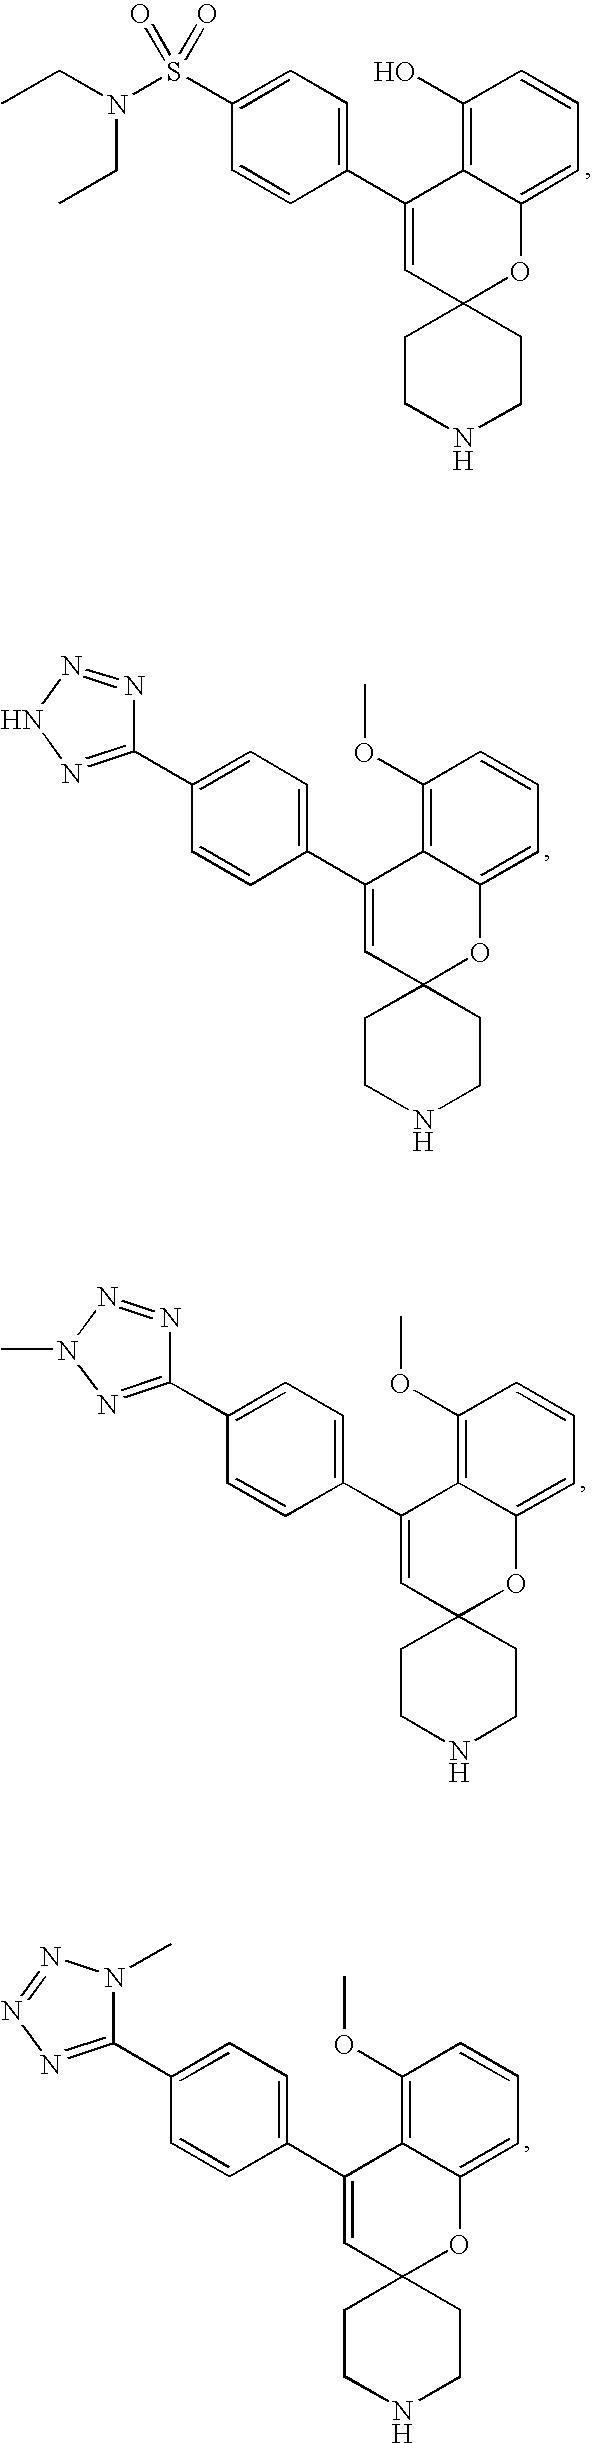 Figure US07598261-20091006-C00079